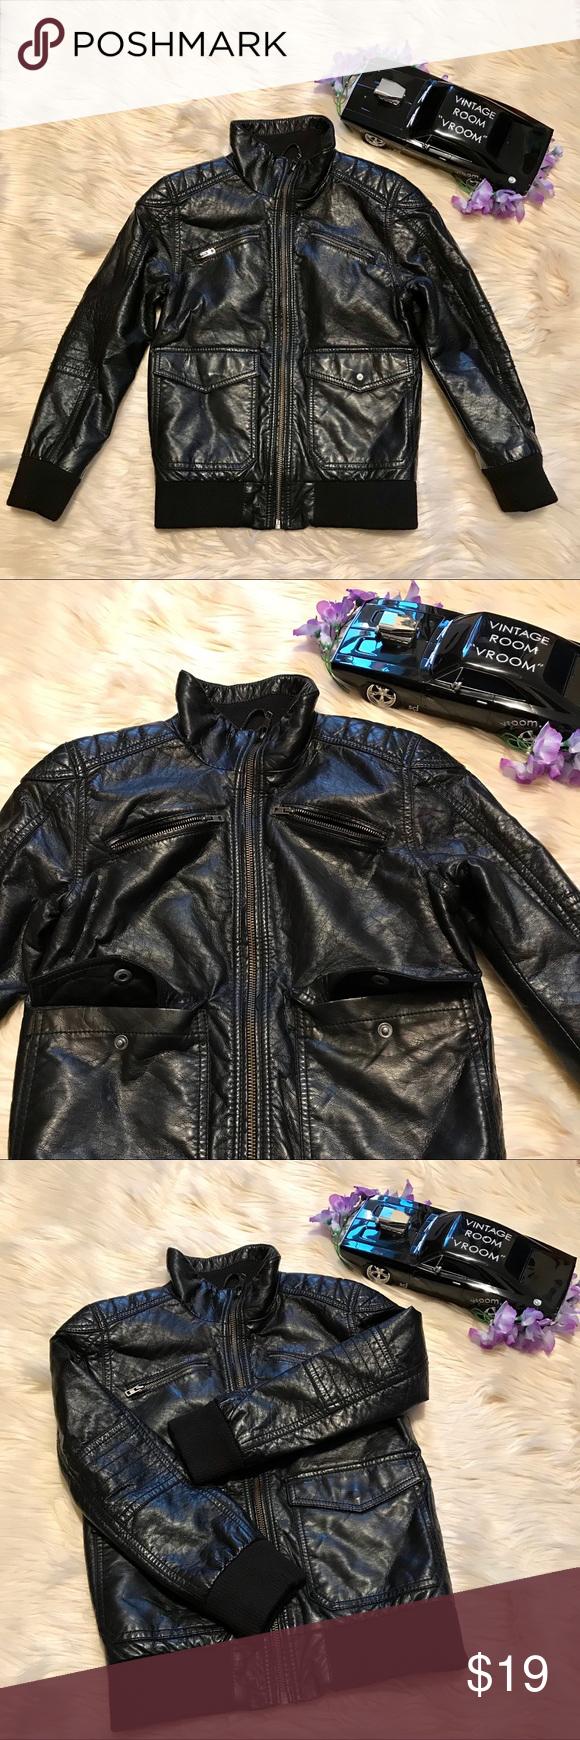 H&M Black Faux Leather Jacket for Boys Black faux